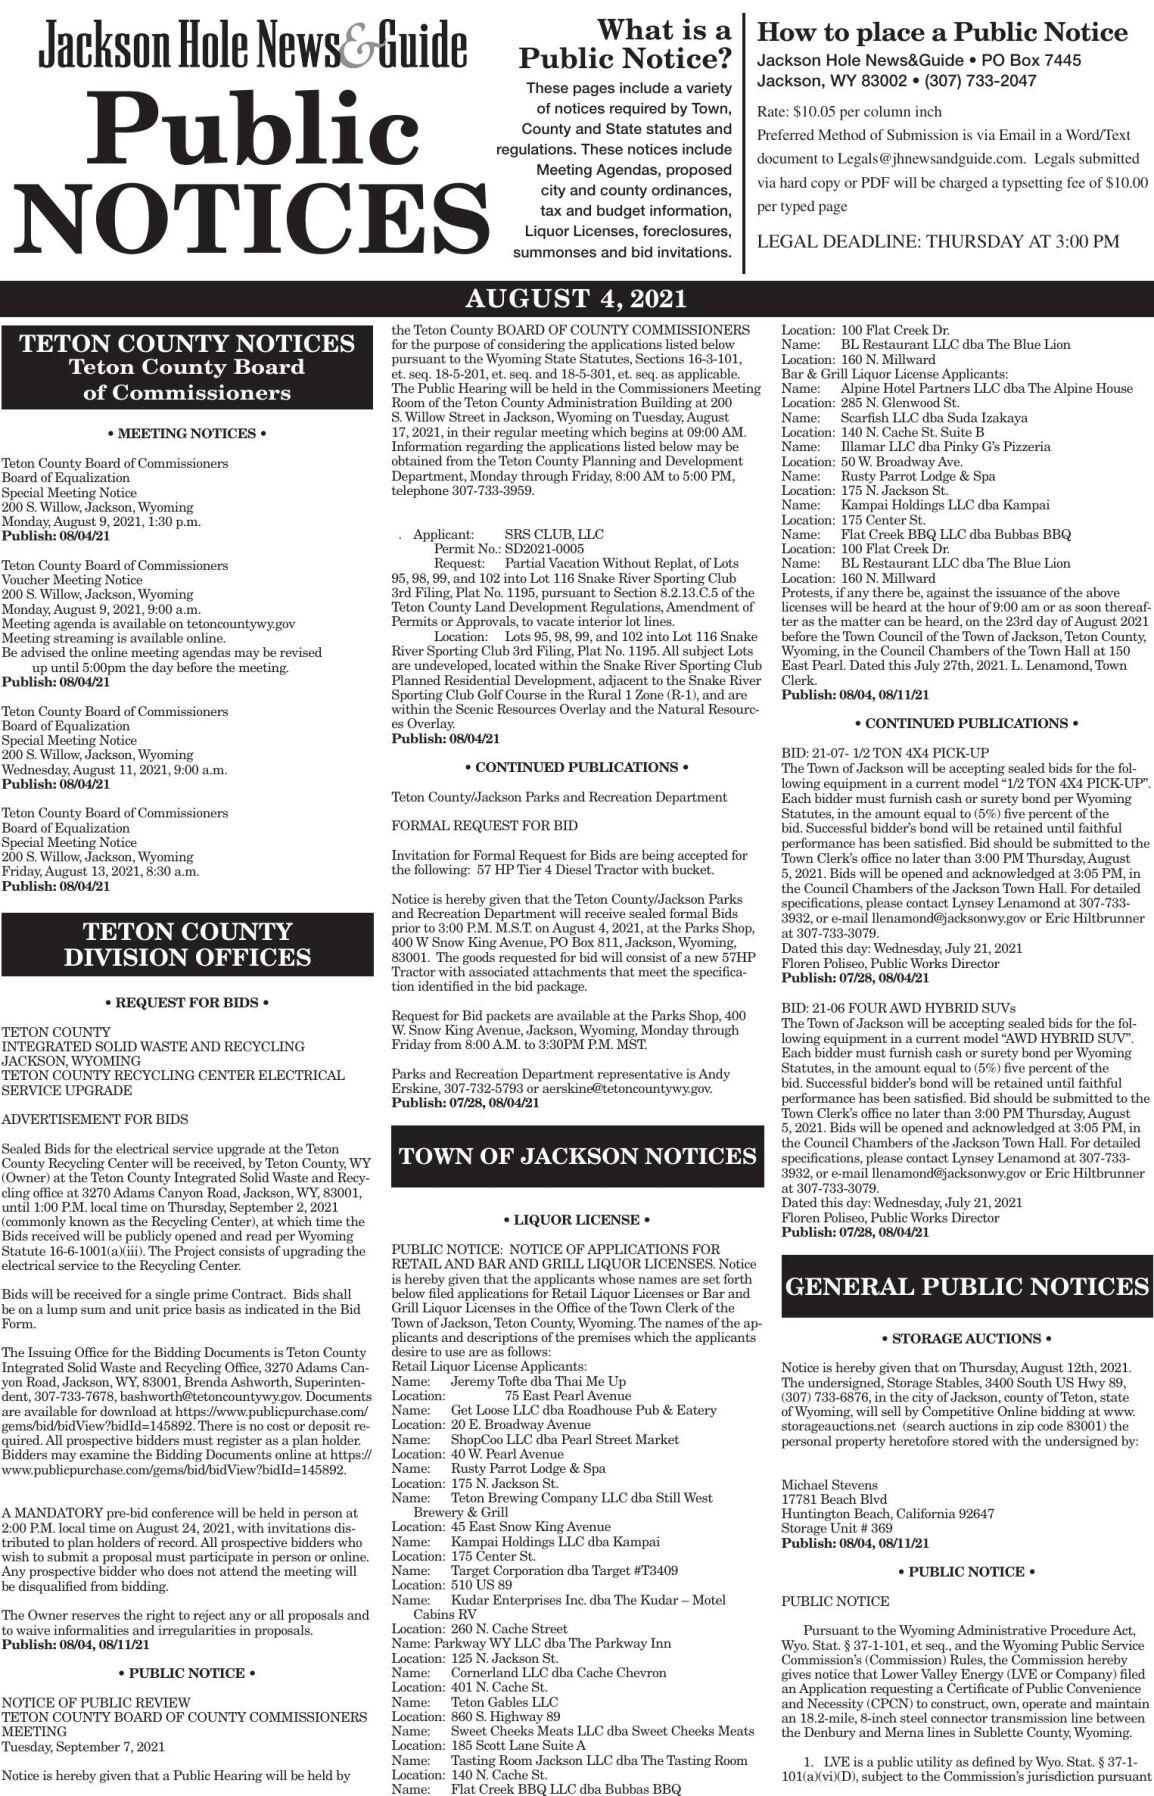 Public Notices, Aug. 4, 2021